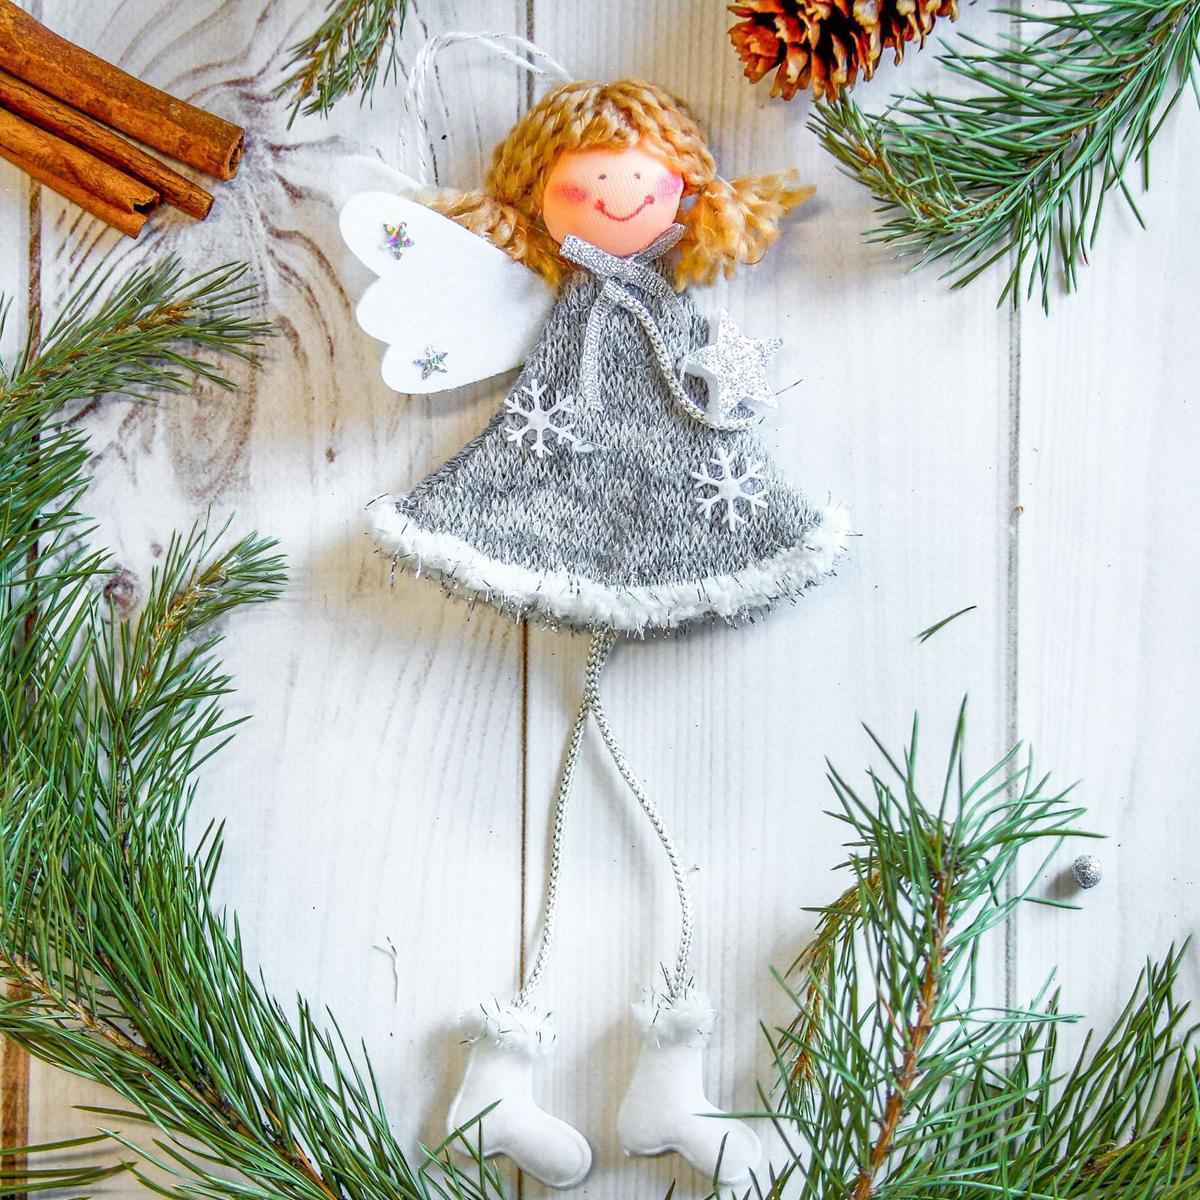 Украшение новогоднее подвесное Девочка с крылышками, 9 х 10 см2357052Новогоднее украшение ручной работы отлично подойдет для декорации вашего дома и новогодней ели. С помощью специальной петельки украшение можно повесить в любом понравившемся вам месте. Но, конечно, удачнее всего оно будет смотреться на праздничной елке.Елочная игрушка - символ Нового года. Она несет в себе волшебство и красоту праздника. Такое украшение создаст в вашем доме атмосферу праздника, веселья и радости.